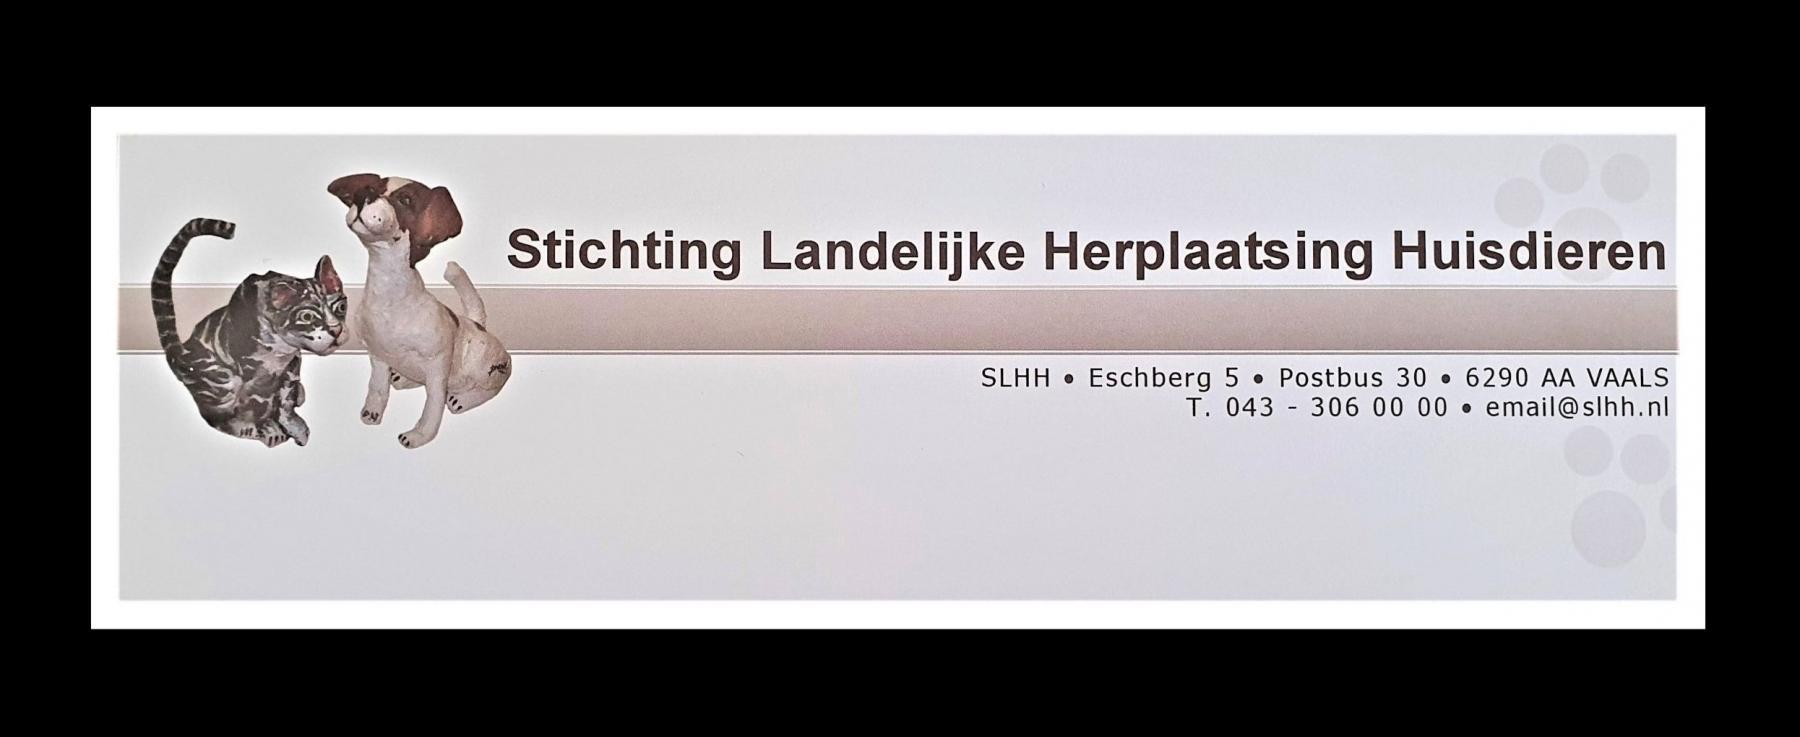 STICHTING LANDELIJKE HERPLAATSING HUISDIEREN